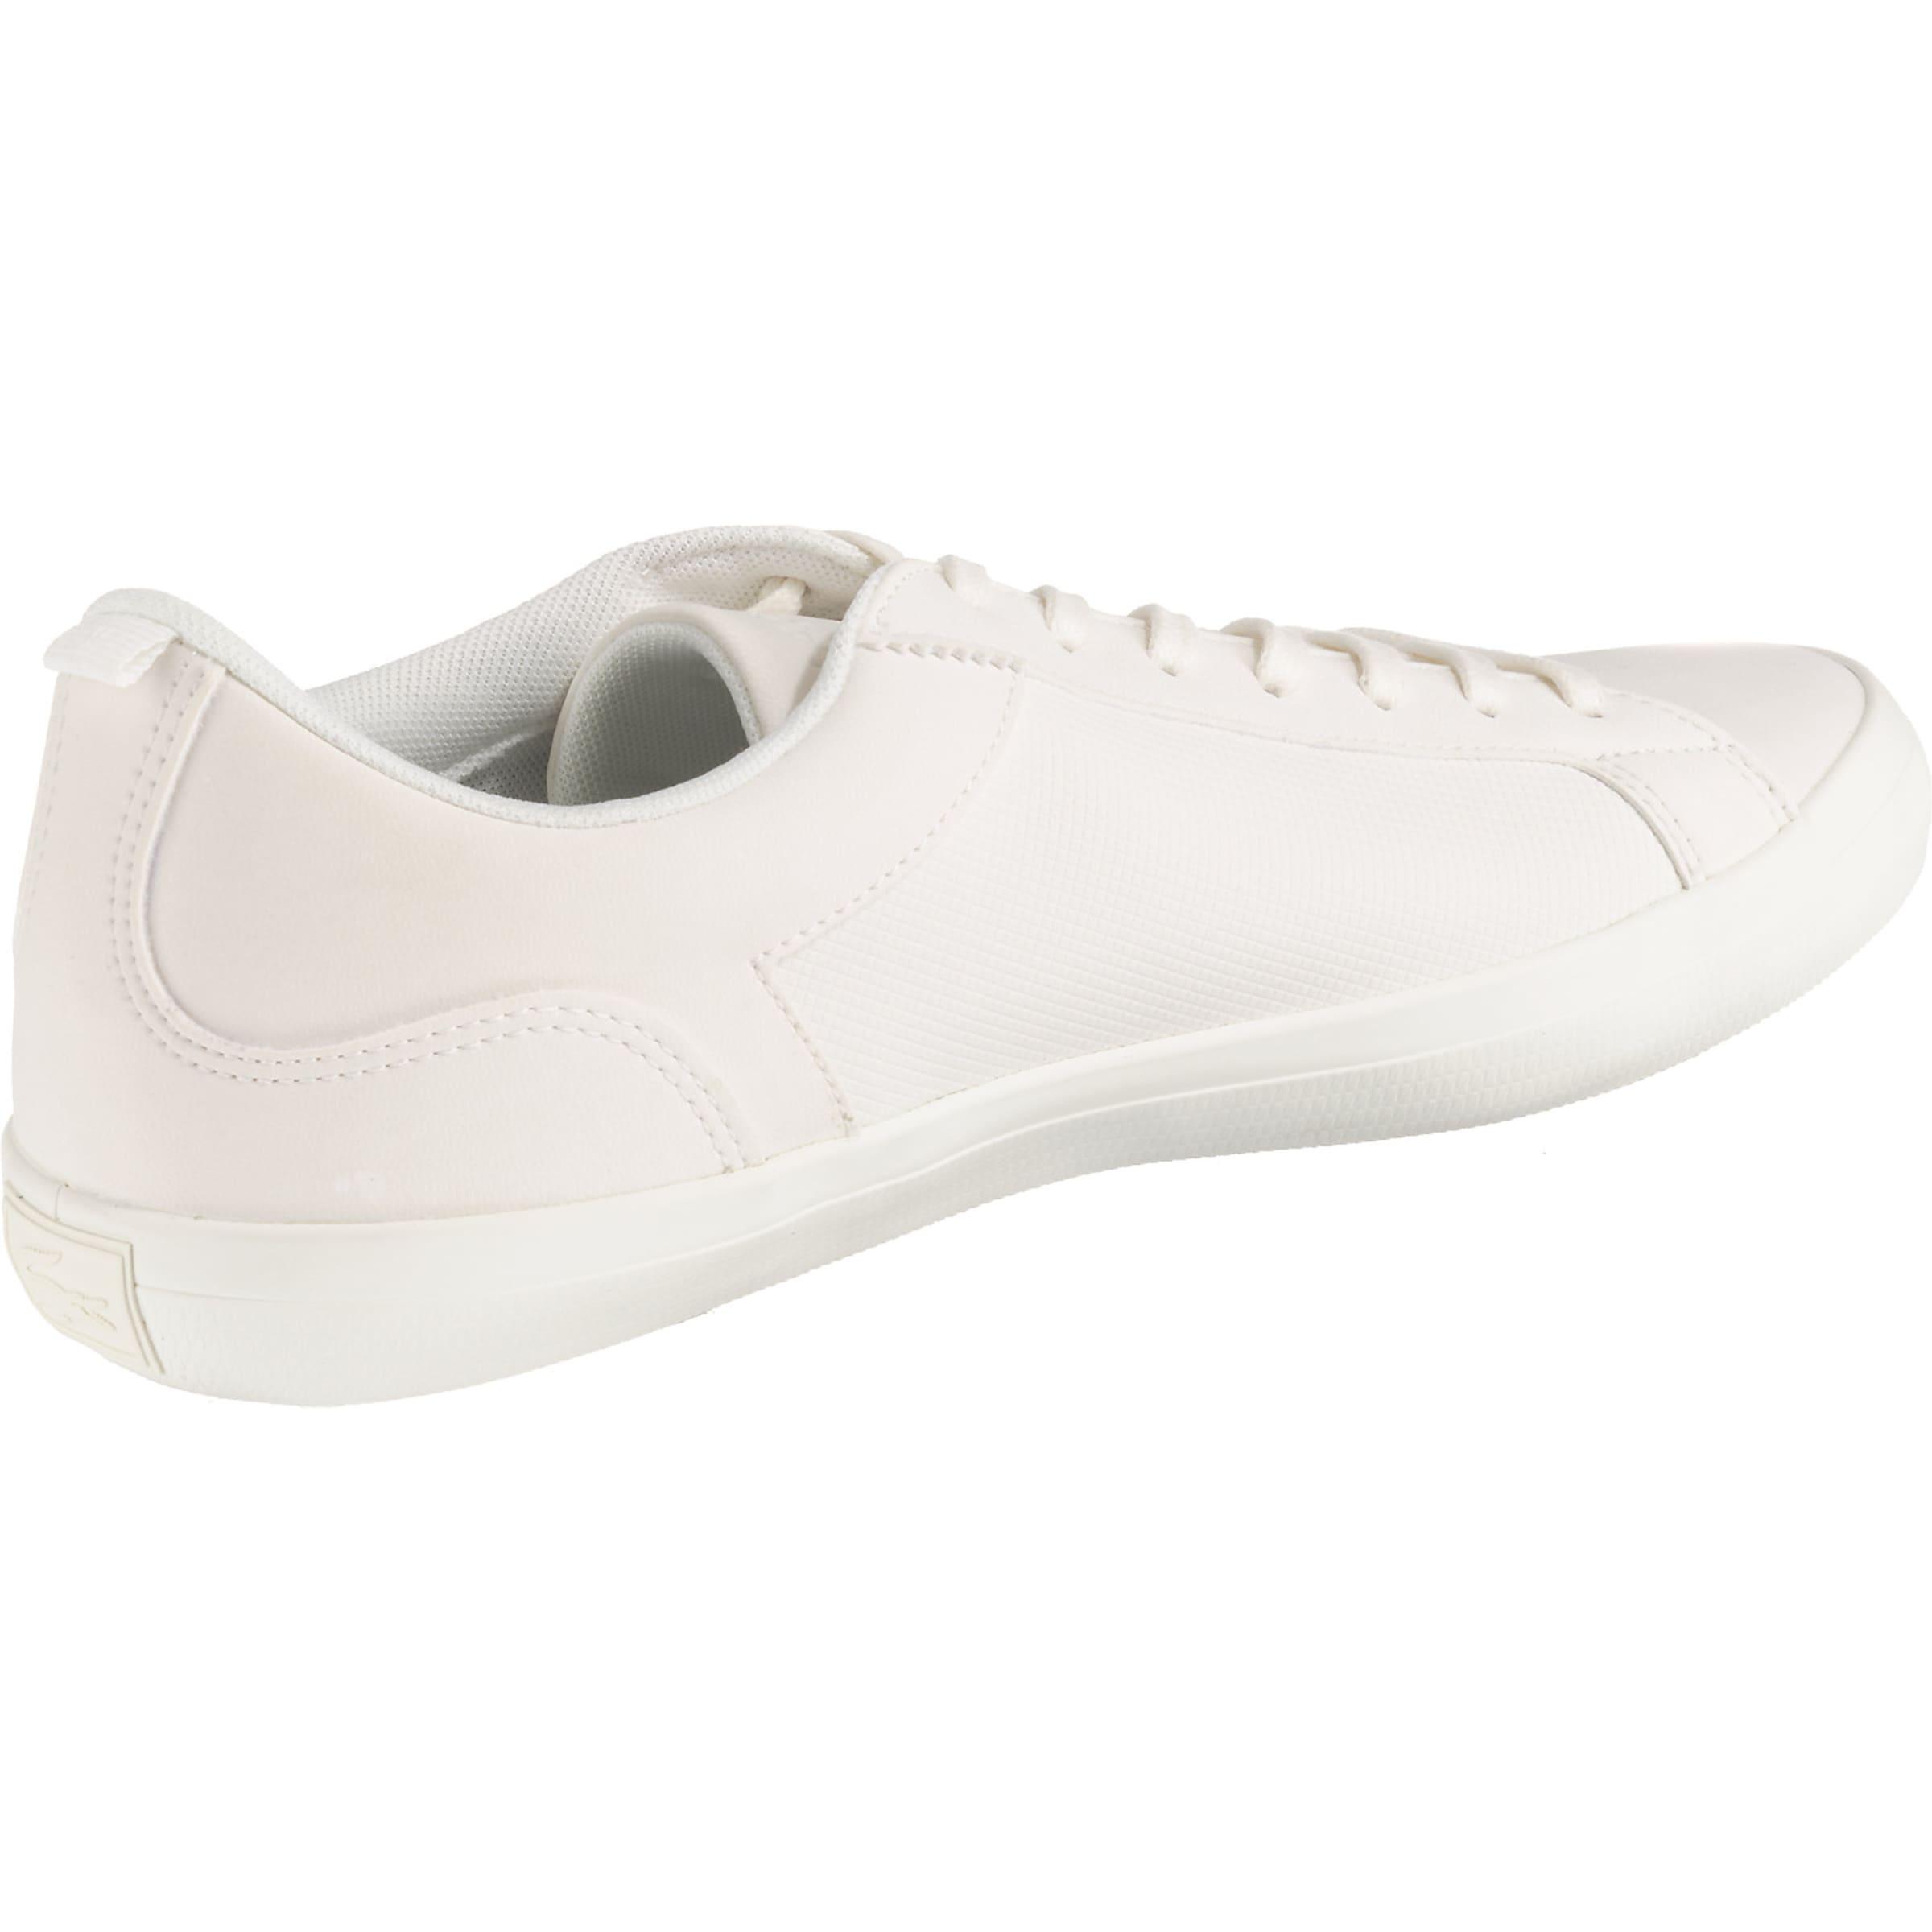 Cma' Weiß 119 4 In 'lerond Lacoste Sneaker 4q5LRjA3